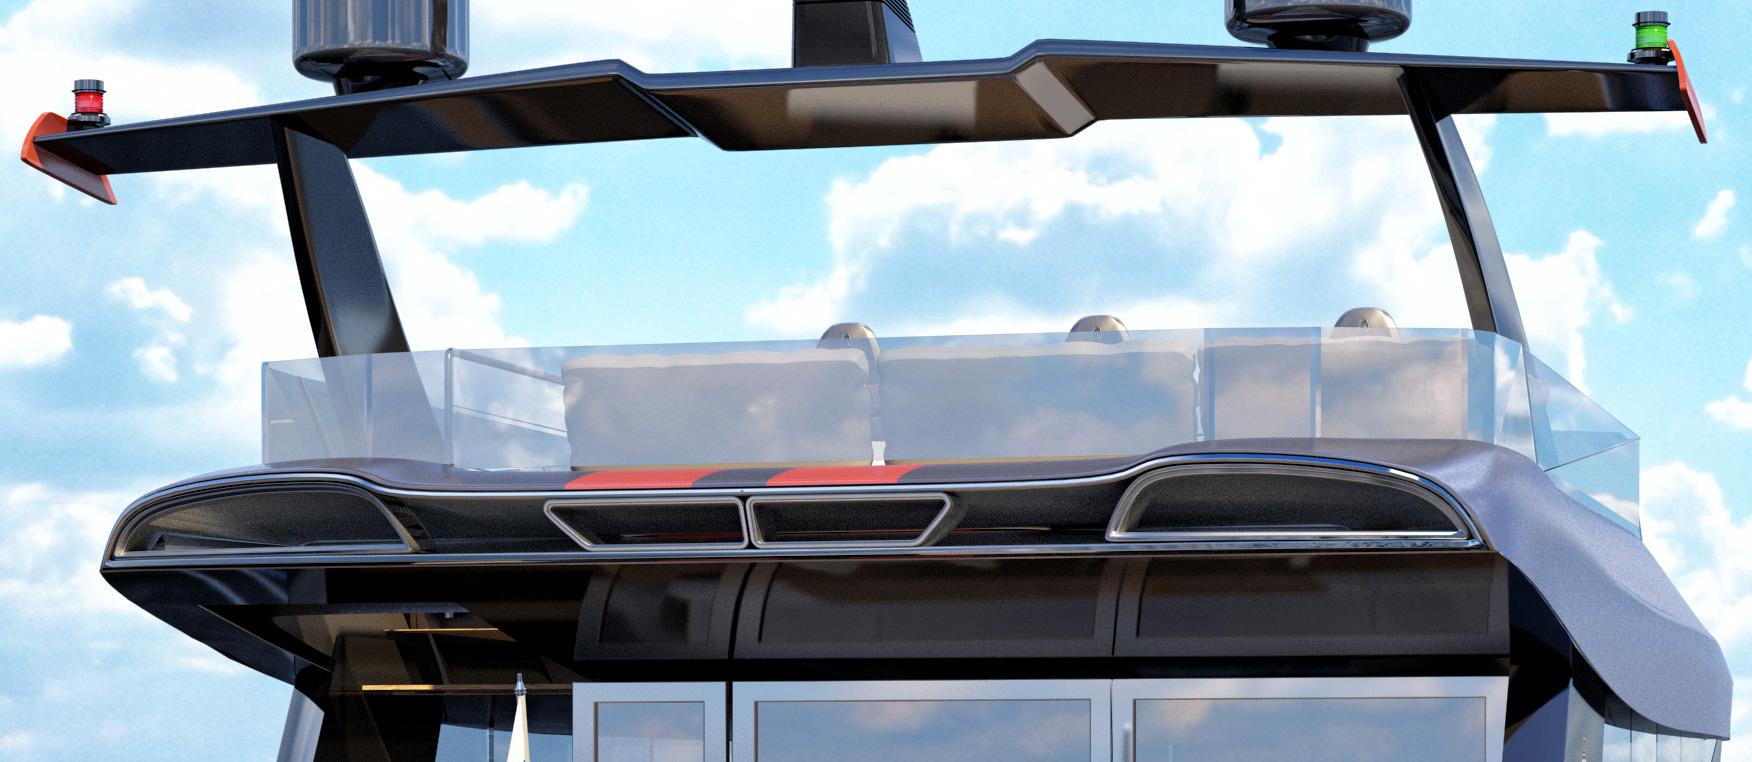 Катамаран в автомобильном стиле для ценителей спорткаров создается в России